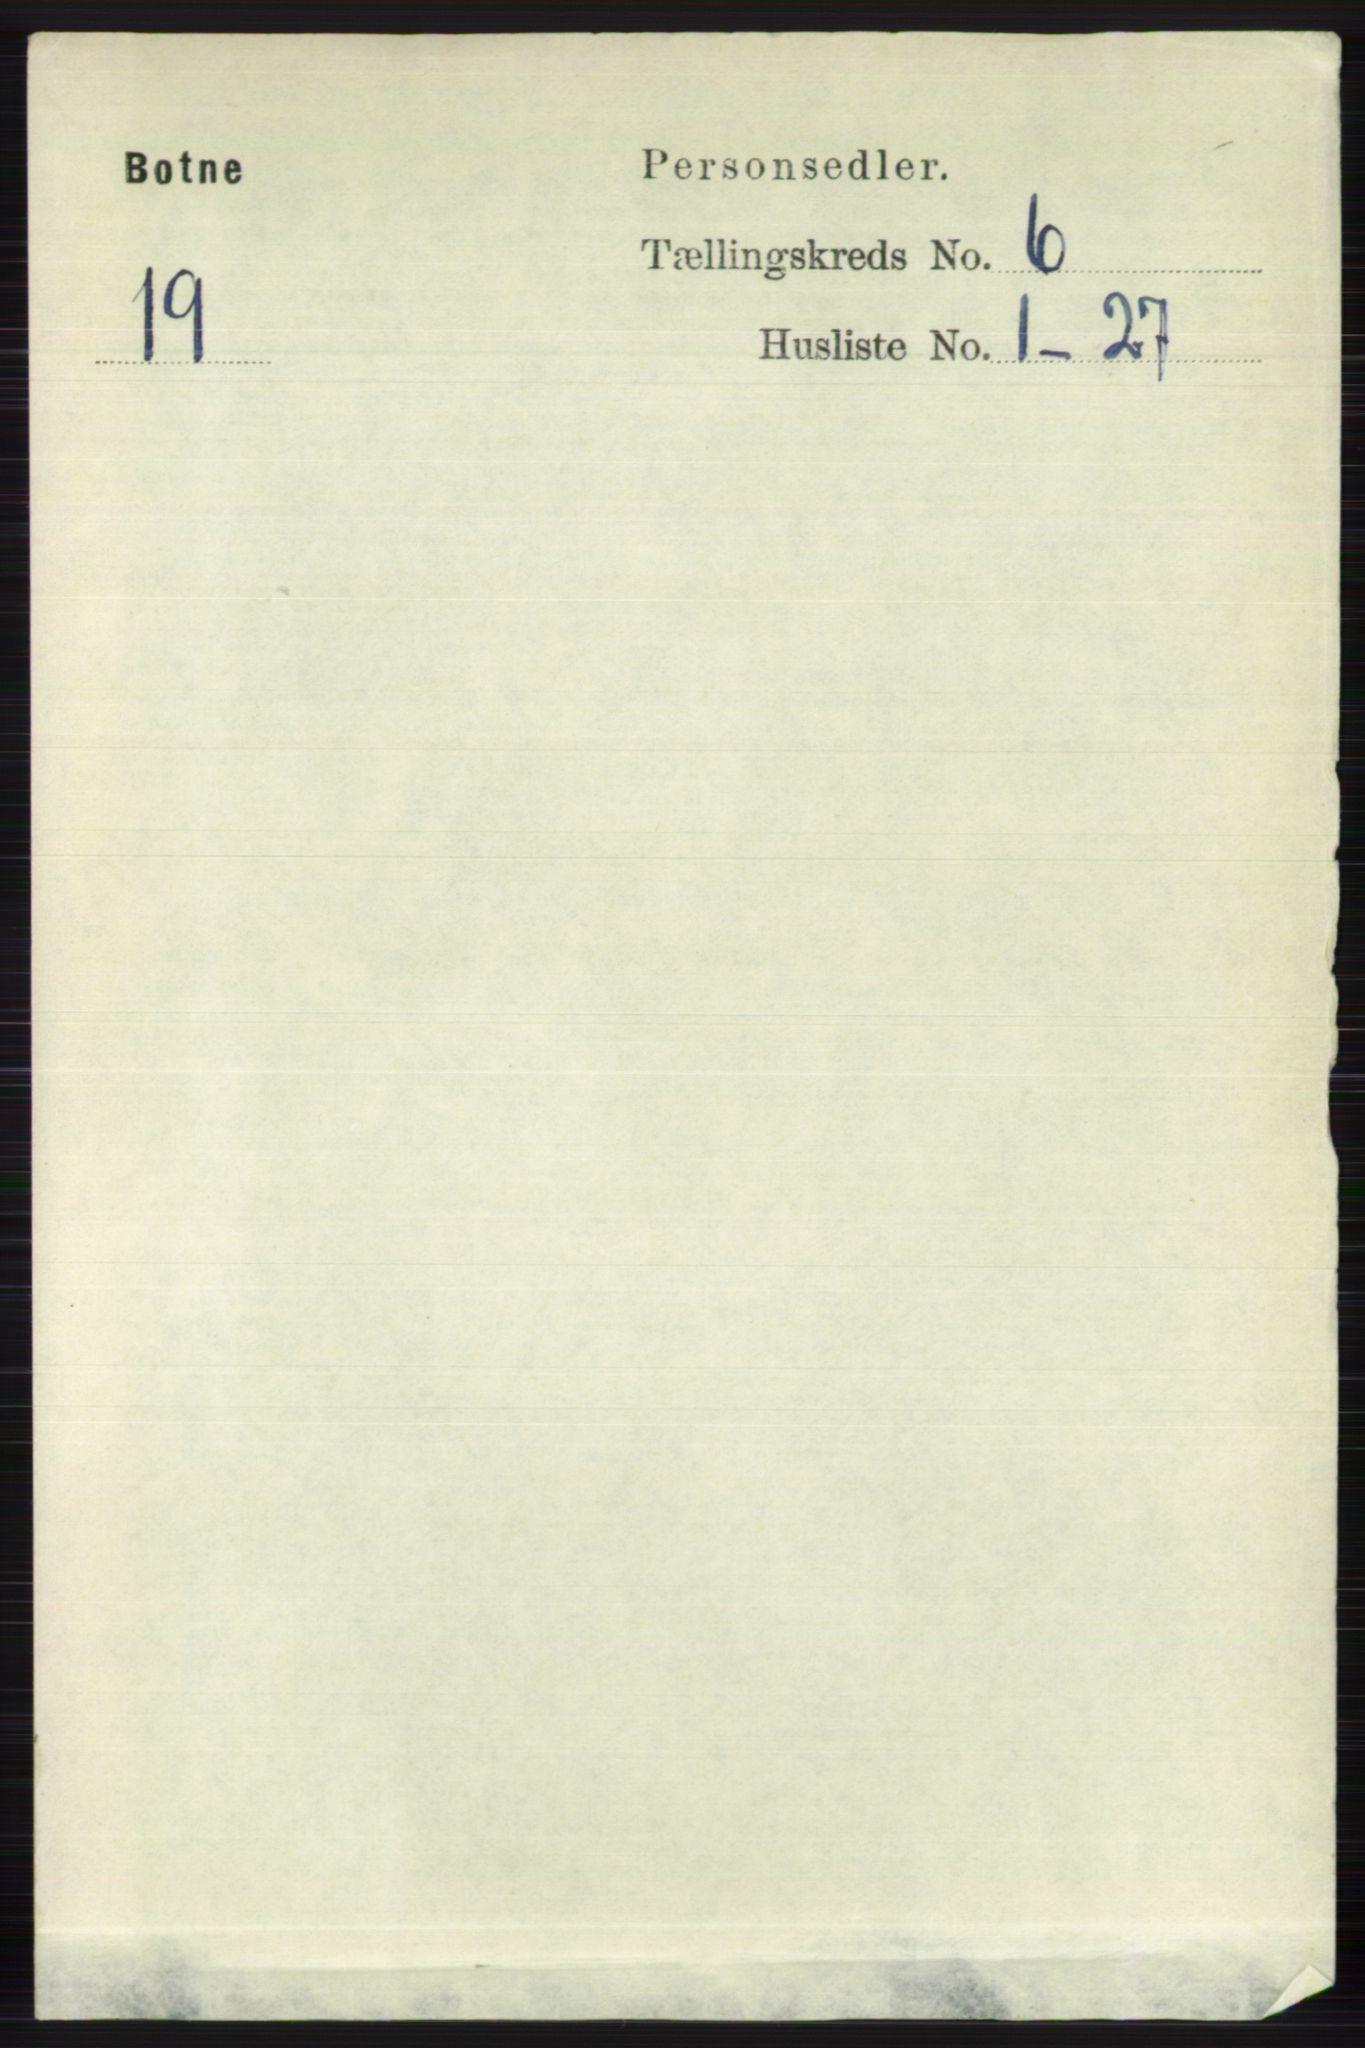 RA, Folketelling 1891 for 0715 Botne herred, 1891, s. 2289